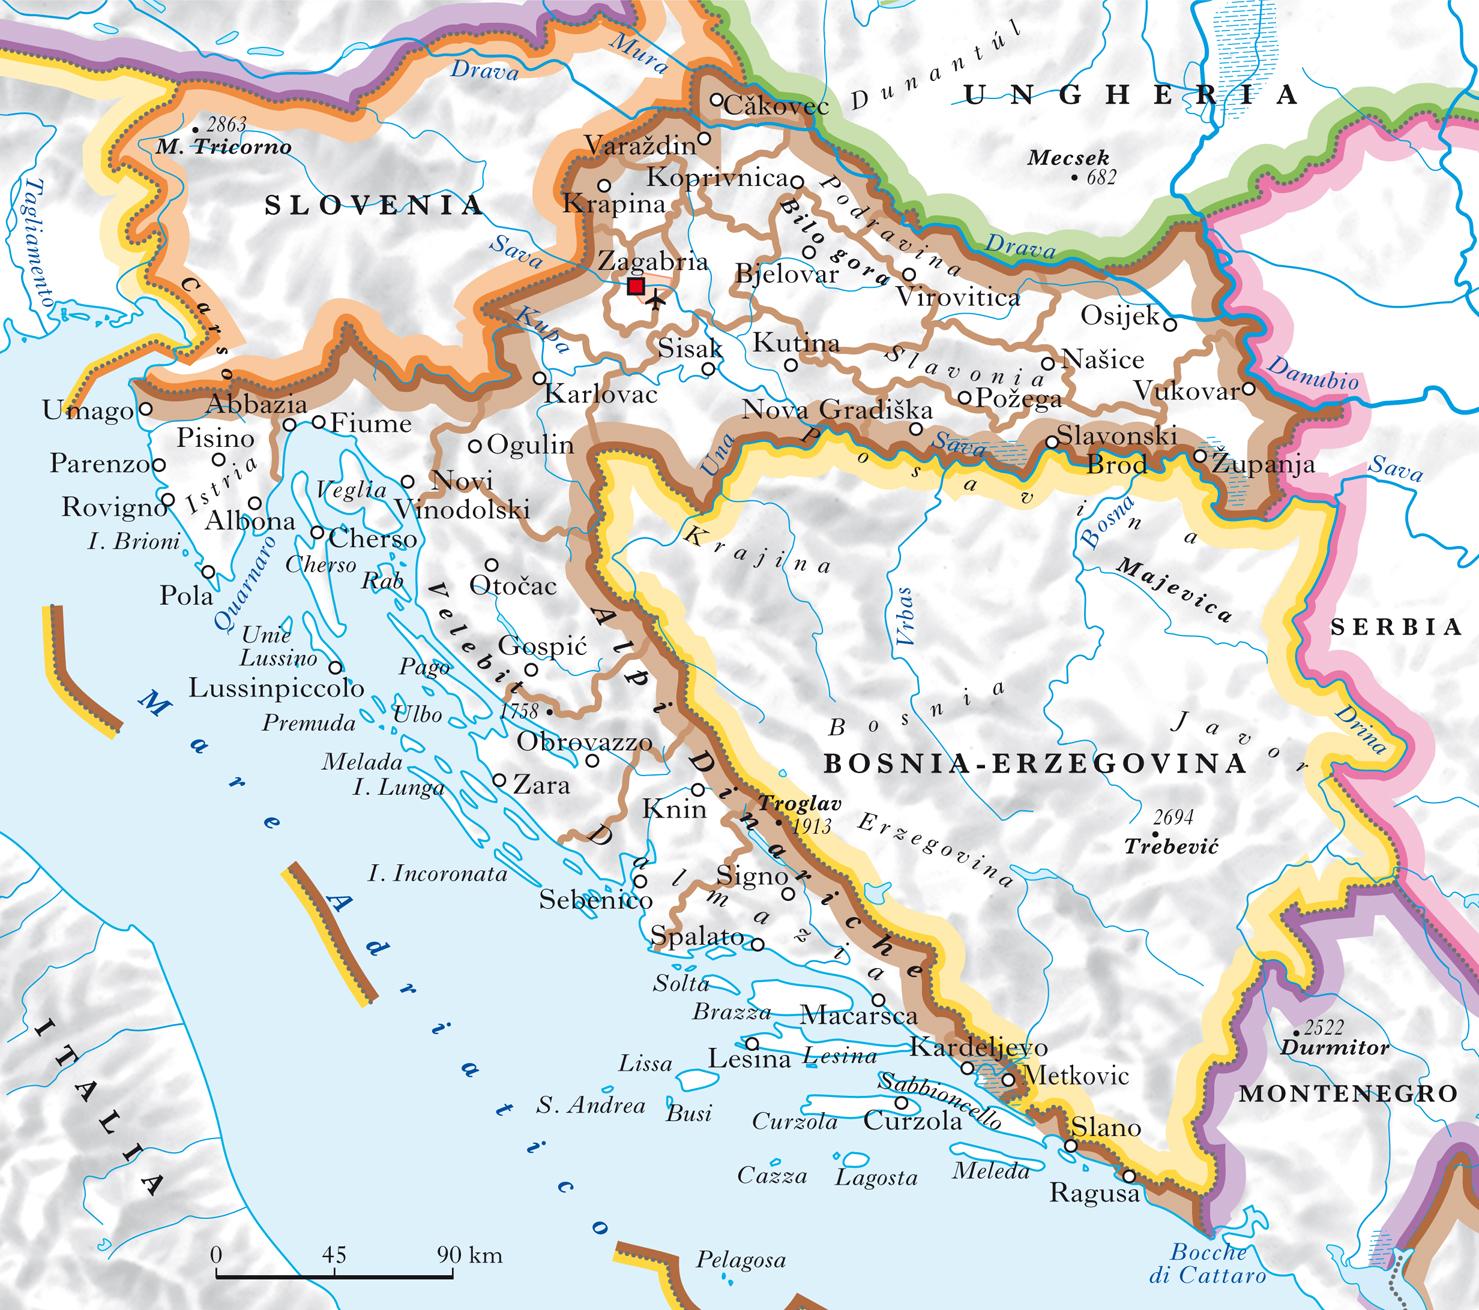 Dalmazia Cartina Geografica.Croazia In Atlante Geopolitico